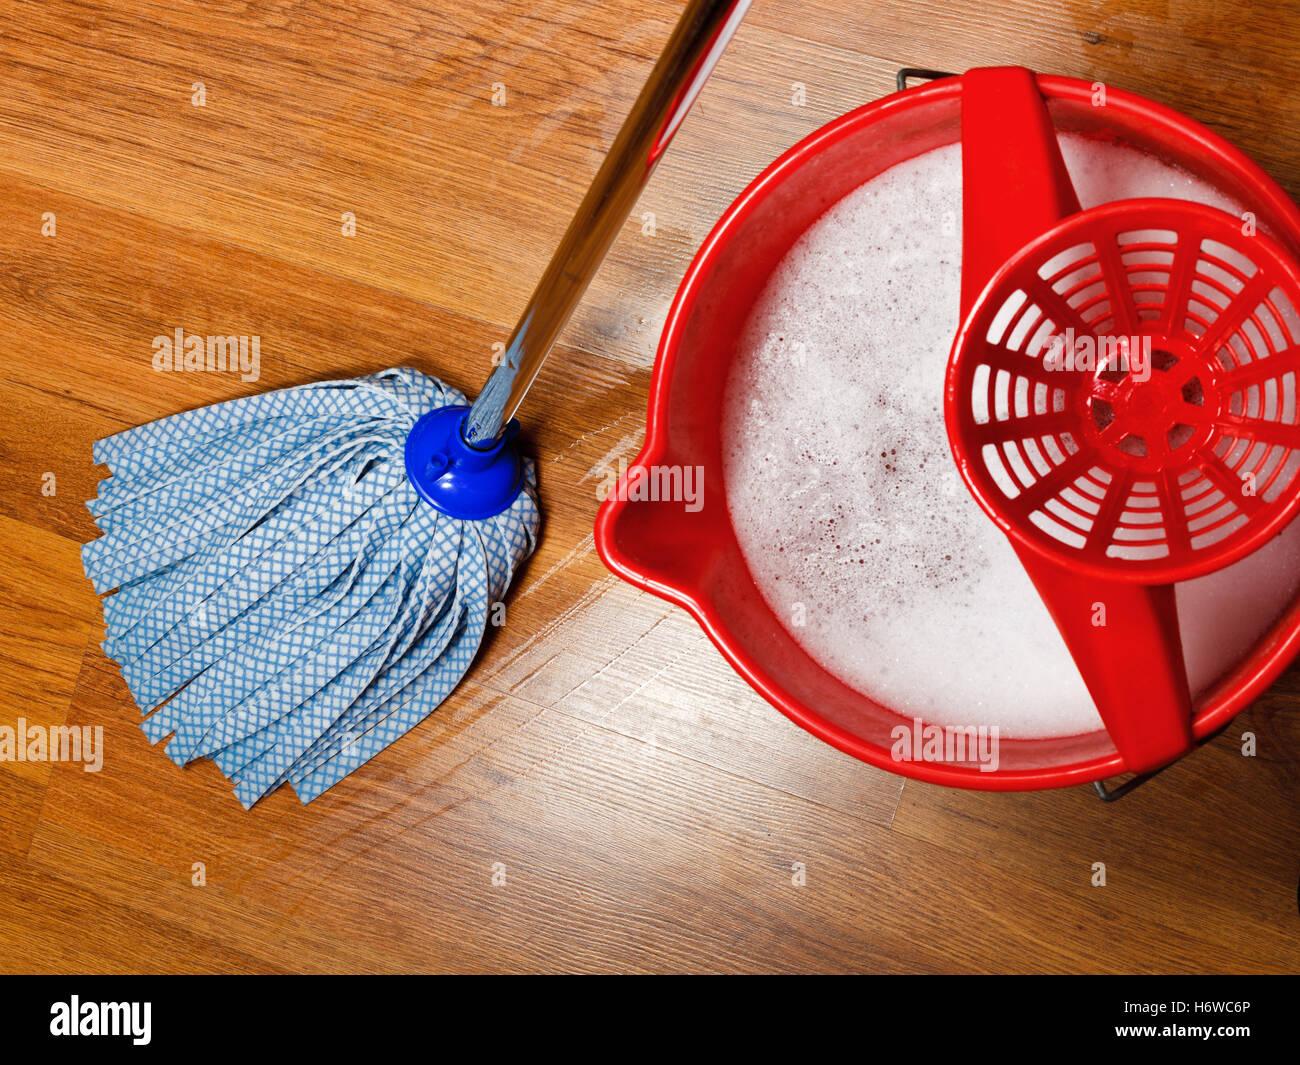 waschen perfect frederik wagner waschen with waschen cool hausbautool arbeit flssiger haushalt. Black Bedroom Furniture Sets. Home Design Ideas